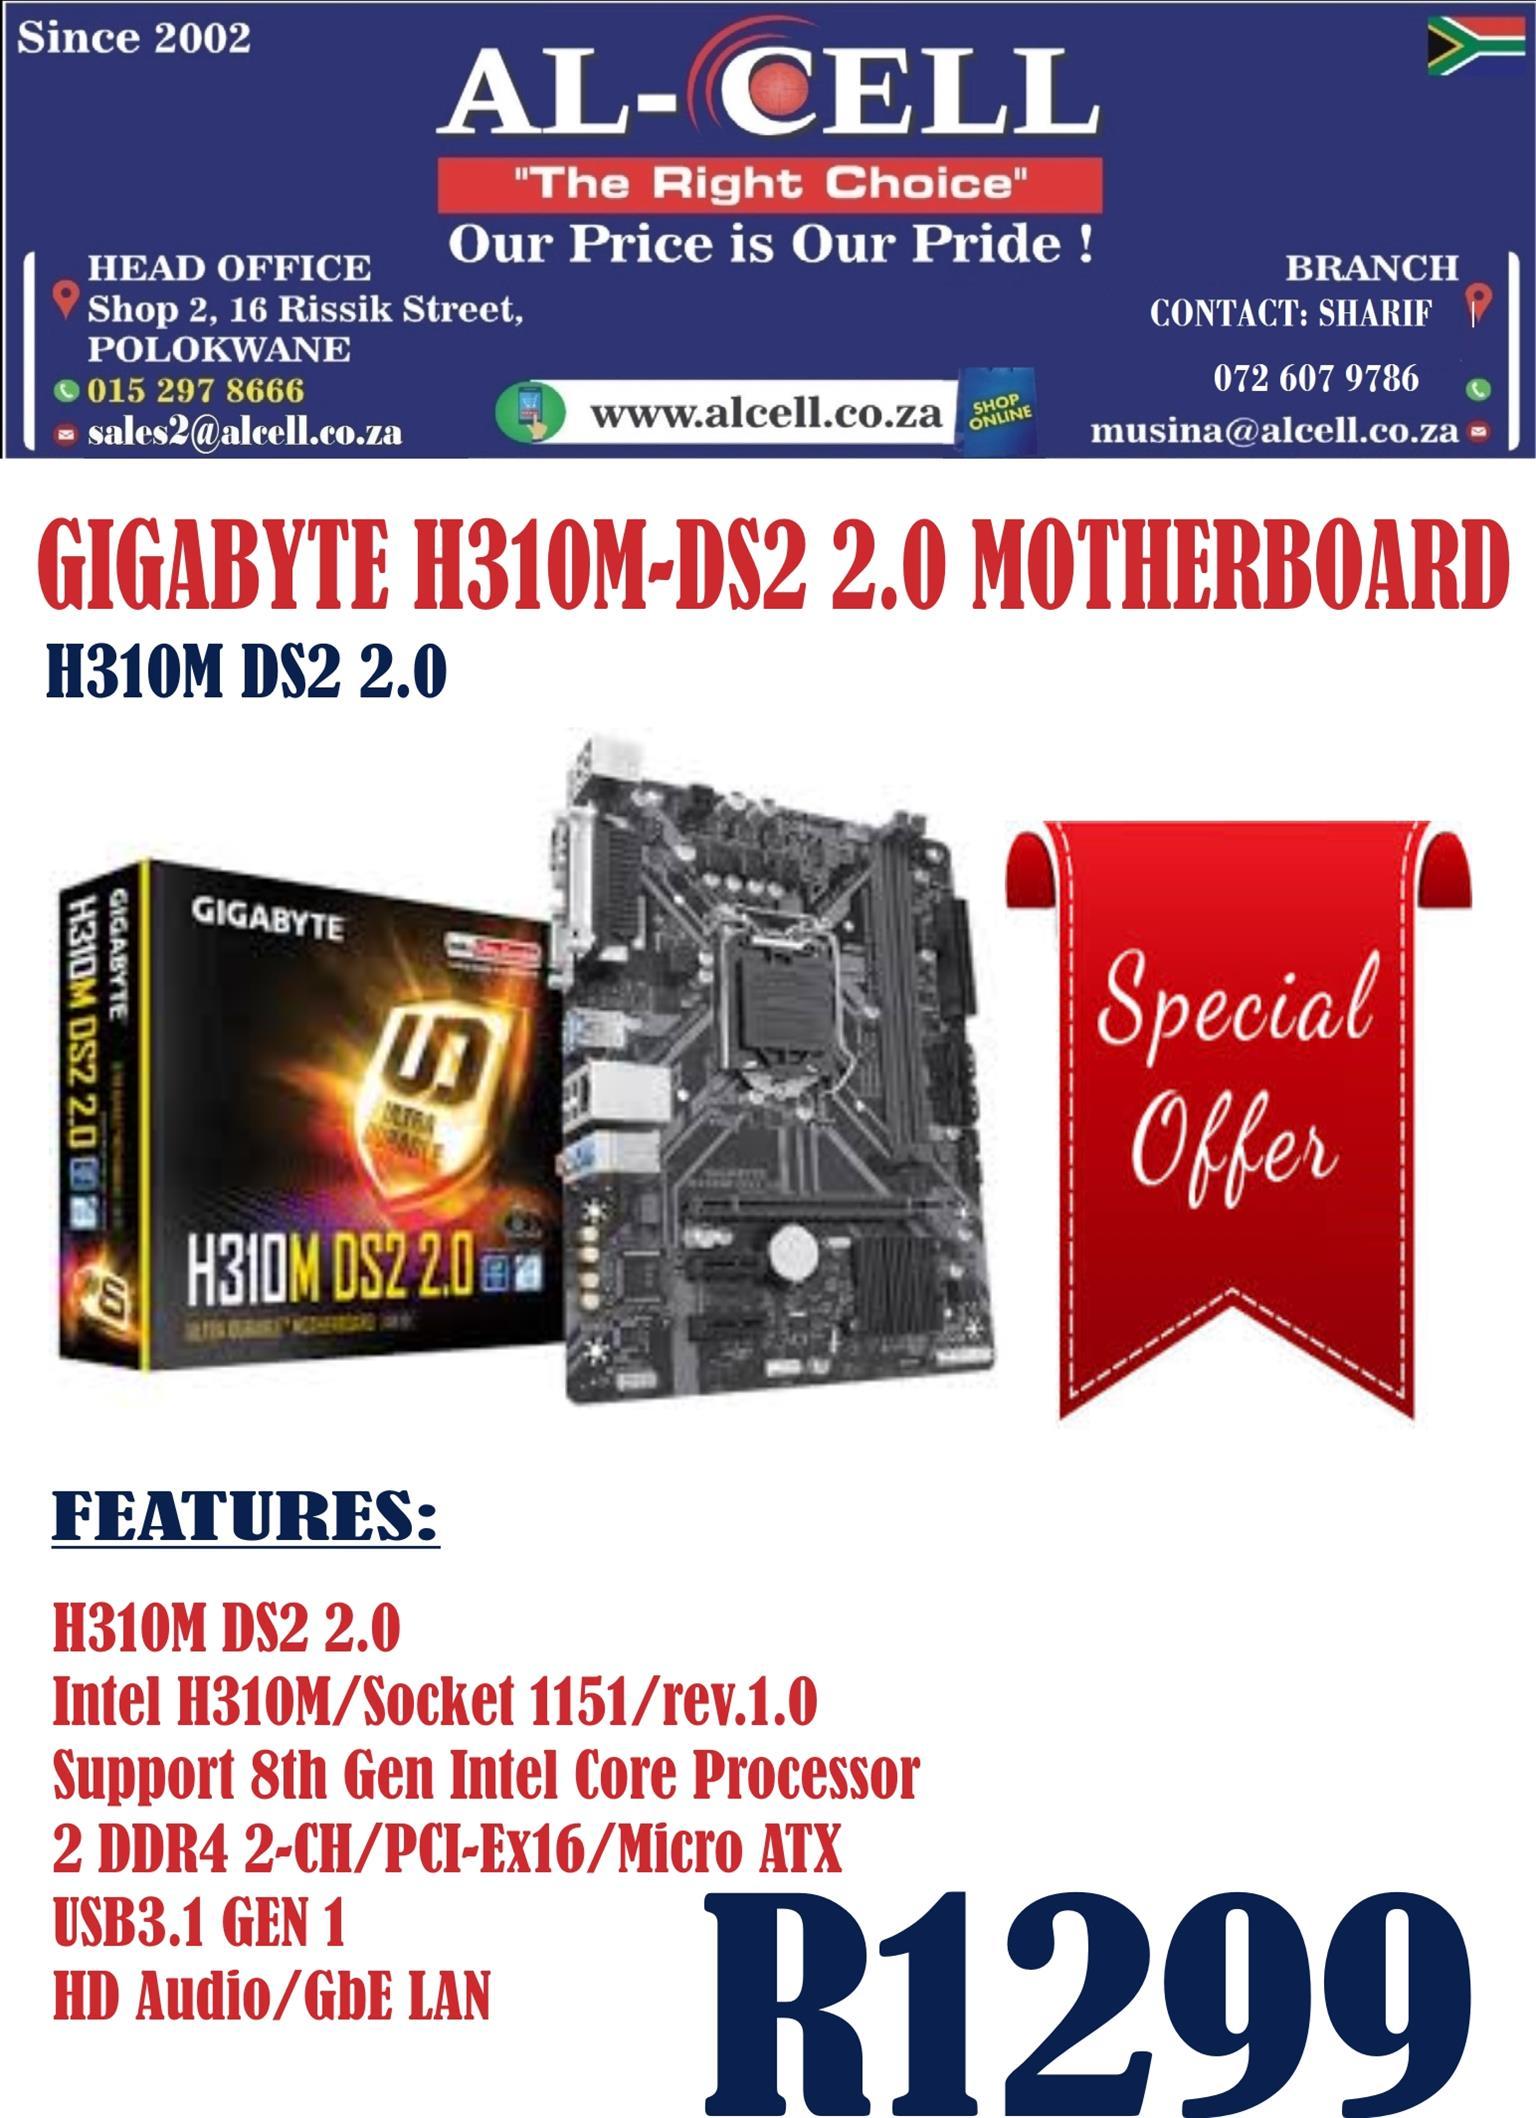 Gigabyte H310M-DS2 2.0 Motherboard